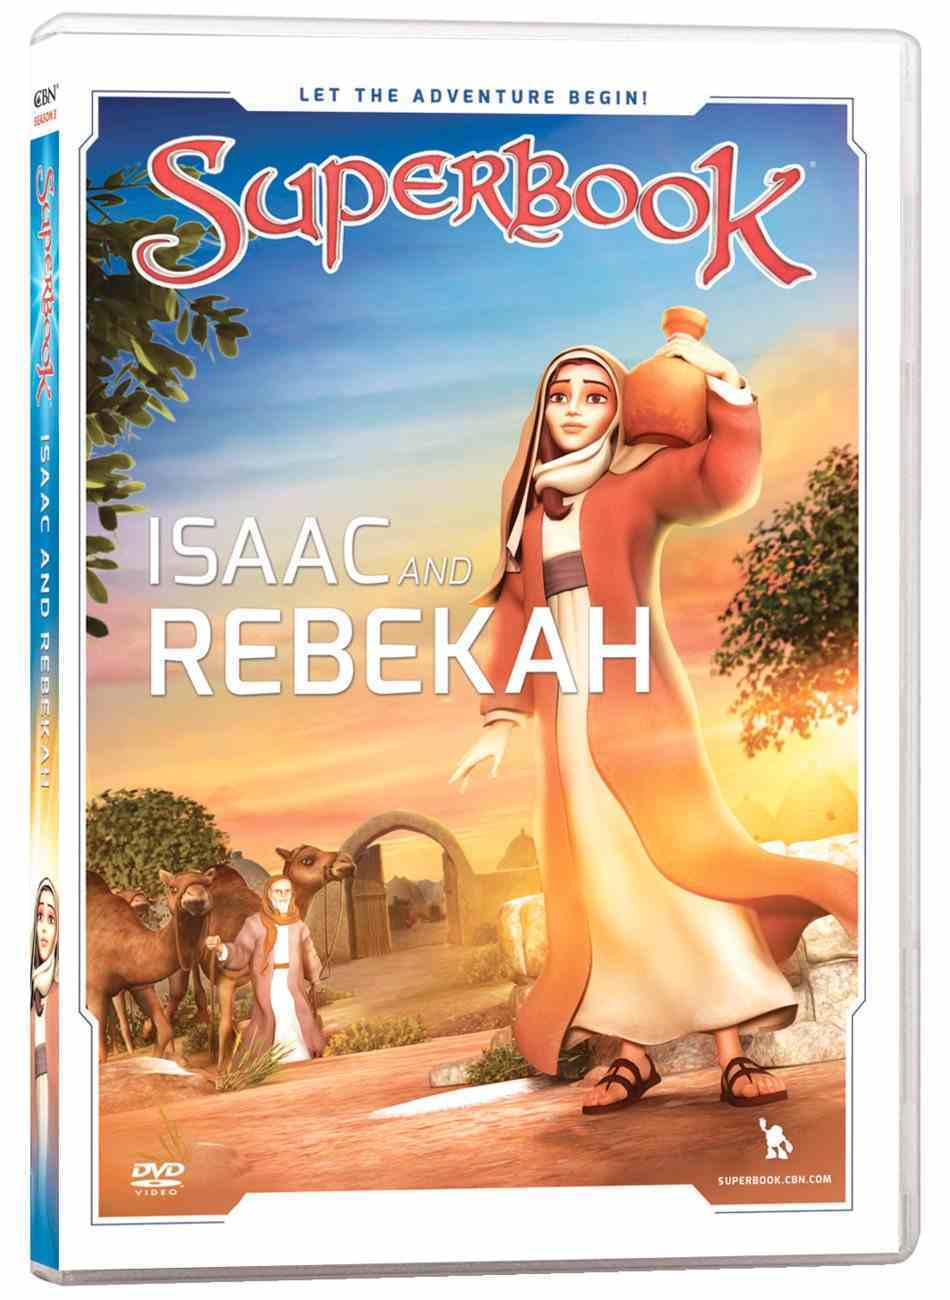 Isaac and Rebekah (#04 in Superbook Dvd Series Season 3) DVD